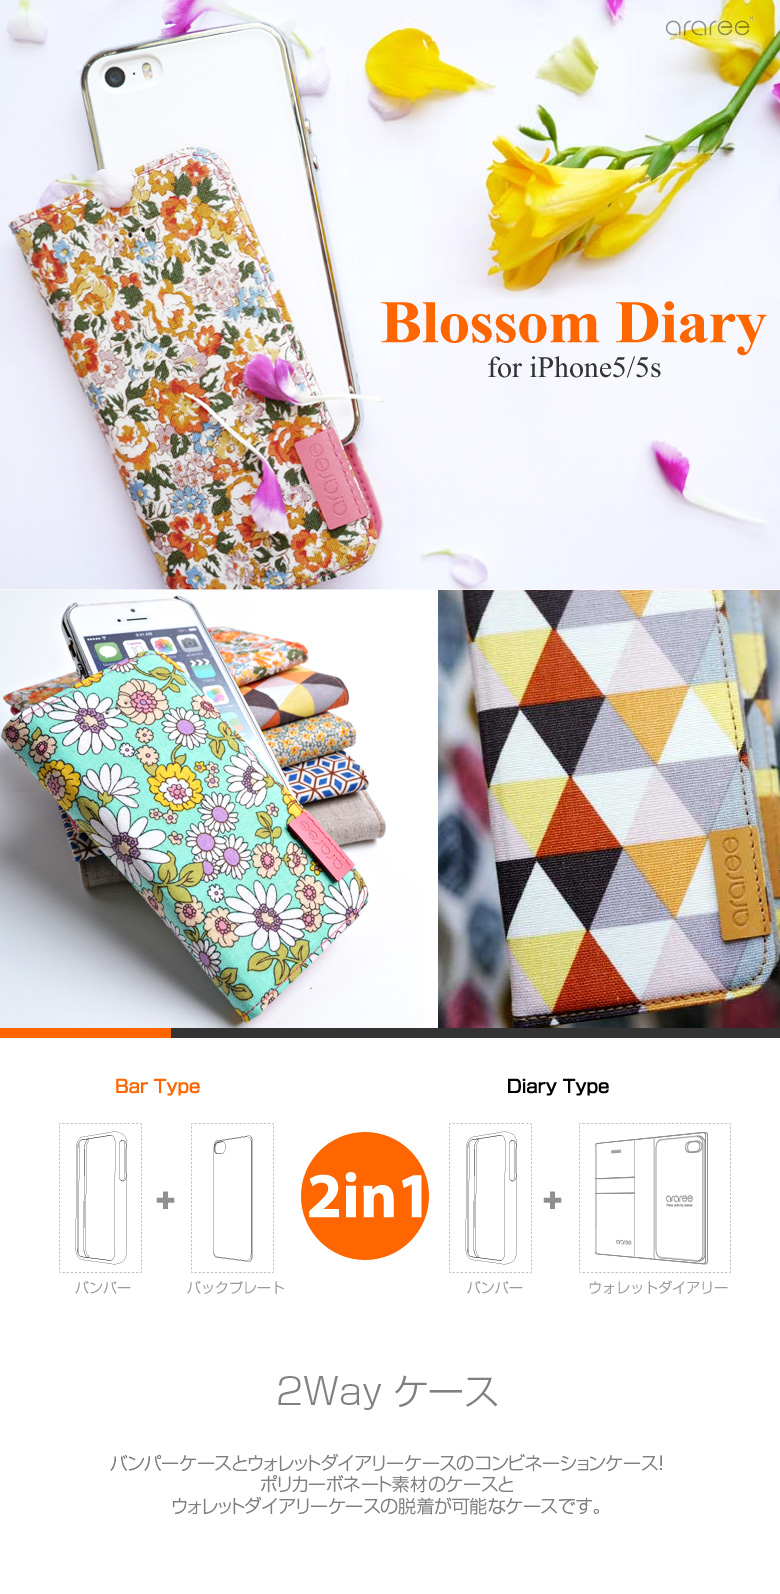 商品特徴 iPhone5/5s ケースBlossom Diary (ブロッサムダイアリー)